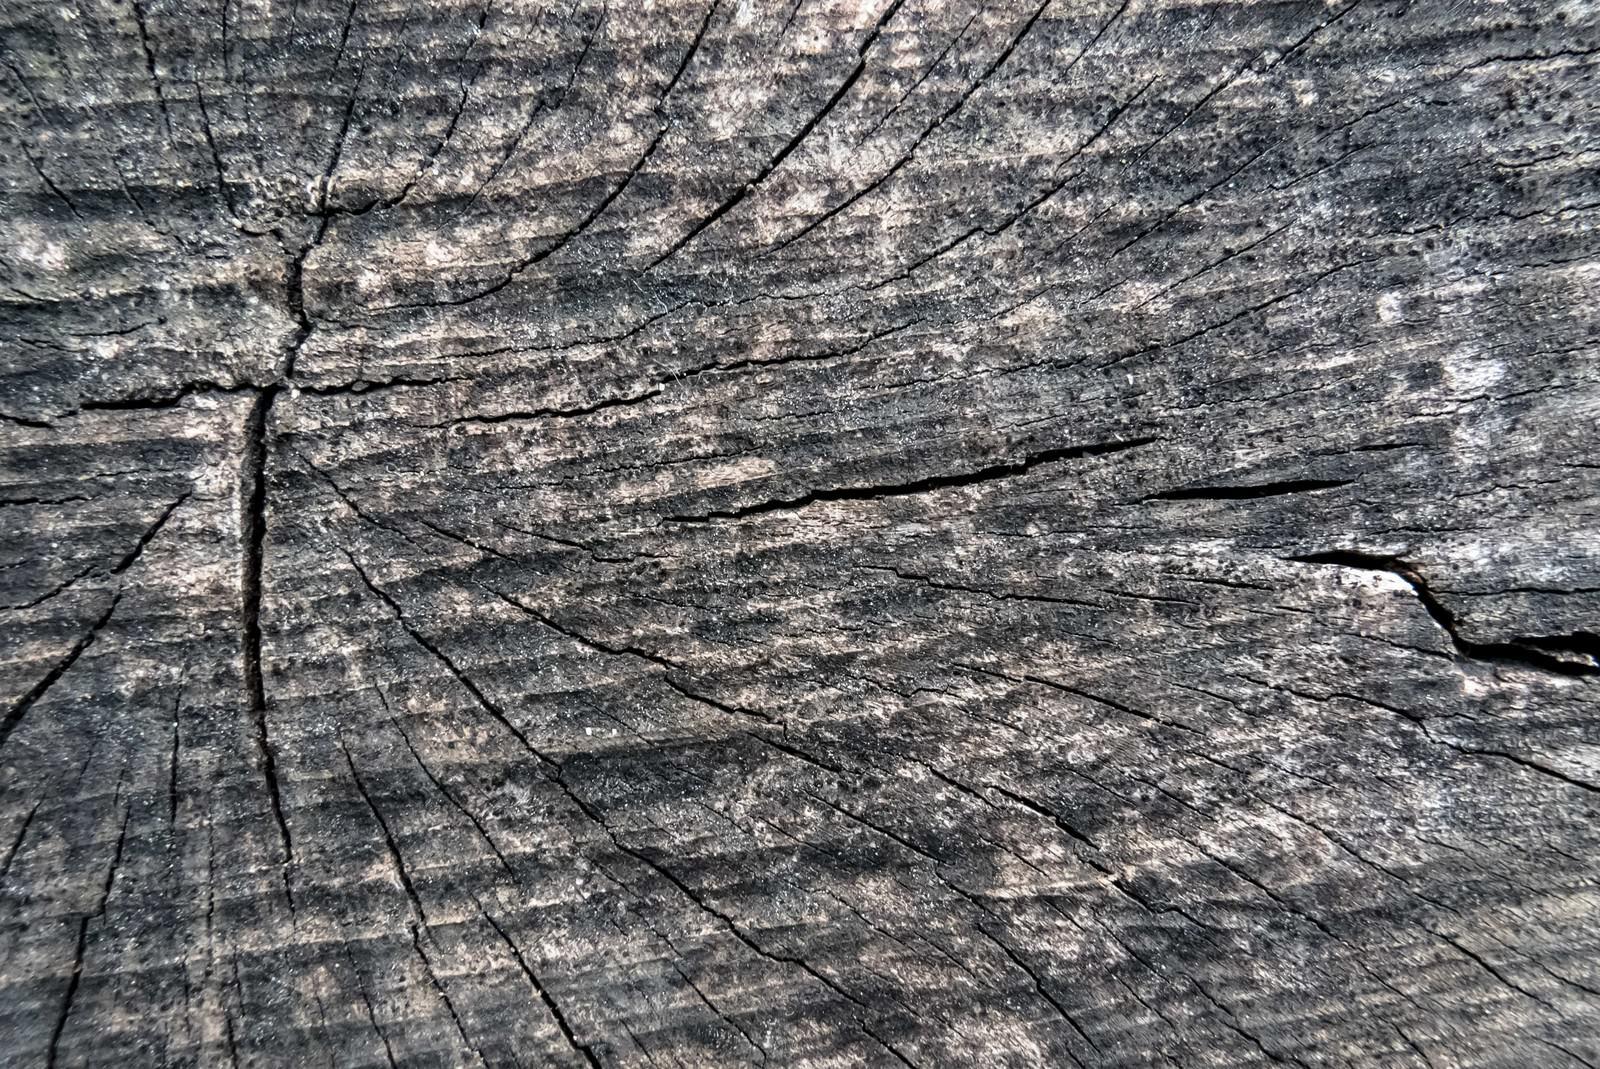 「乾燥割れた木材の表面(テクスチャー)乾燥割れた木材の表面(テクスチャー)」のフリー写真素材を拡大